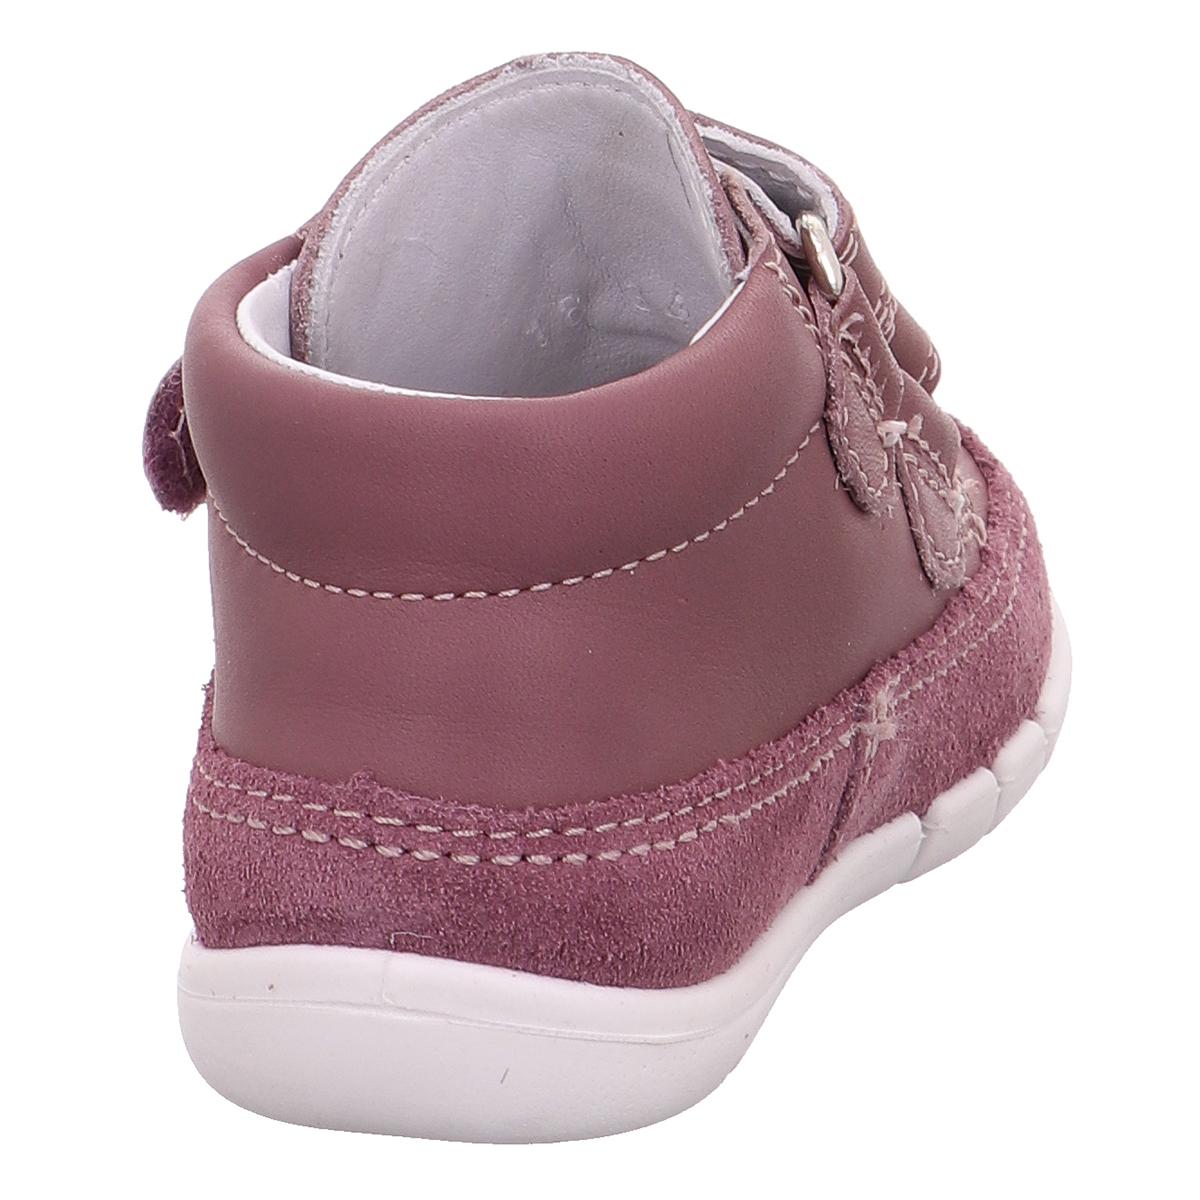 Купить Пинетки-ботинки Superfit Sport Pink, р. 19 1-006341-8500 ТМ: Superfit, розовый